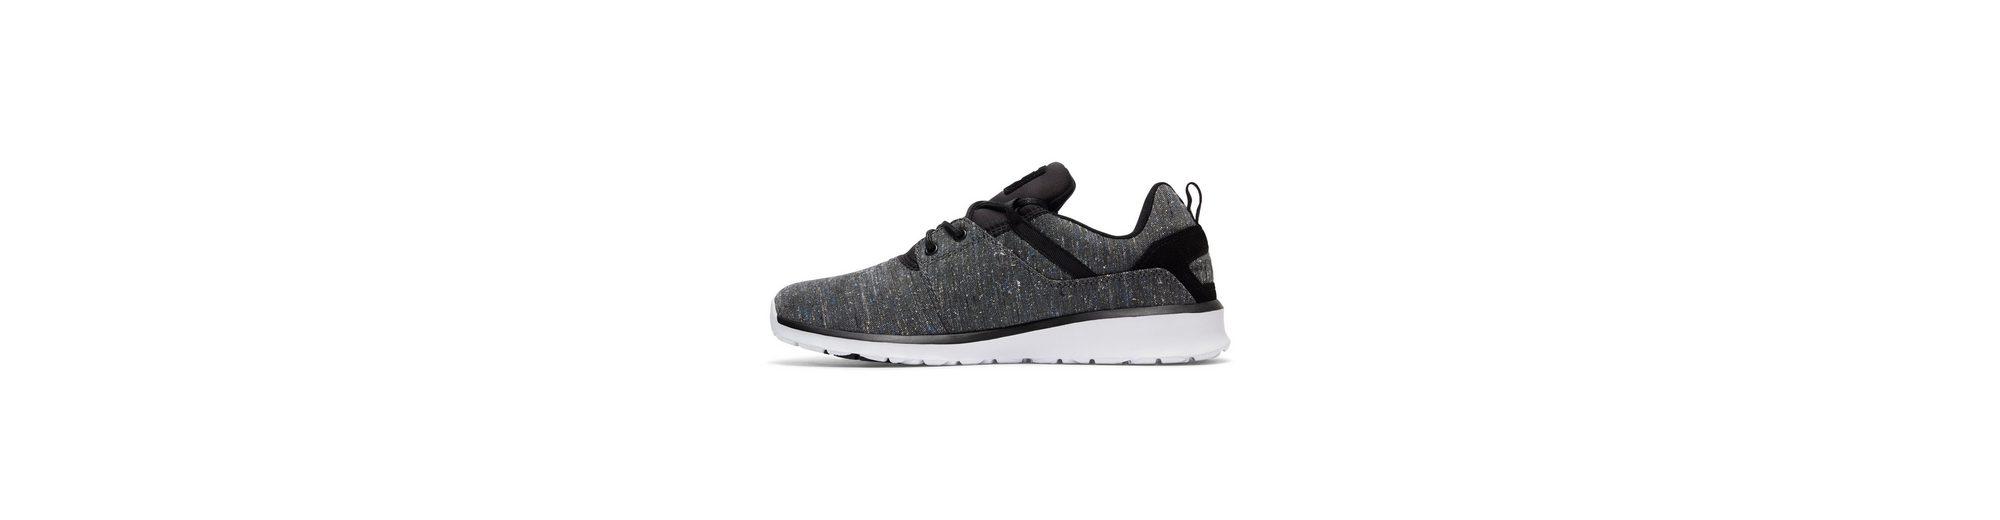 DC Shoes Schuhe Heathrow TX LE Rabatt Schnelle Lieferung 2018 Neuesten Zum Verkauf Günstig Kaufen Bequem Günstigsten Online Neu Zu Verkaufen 93qti